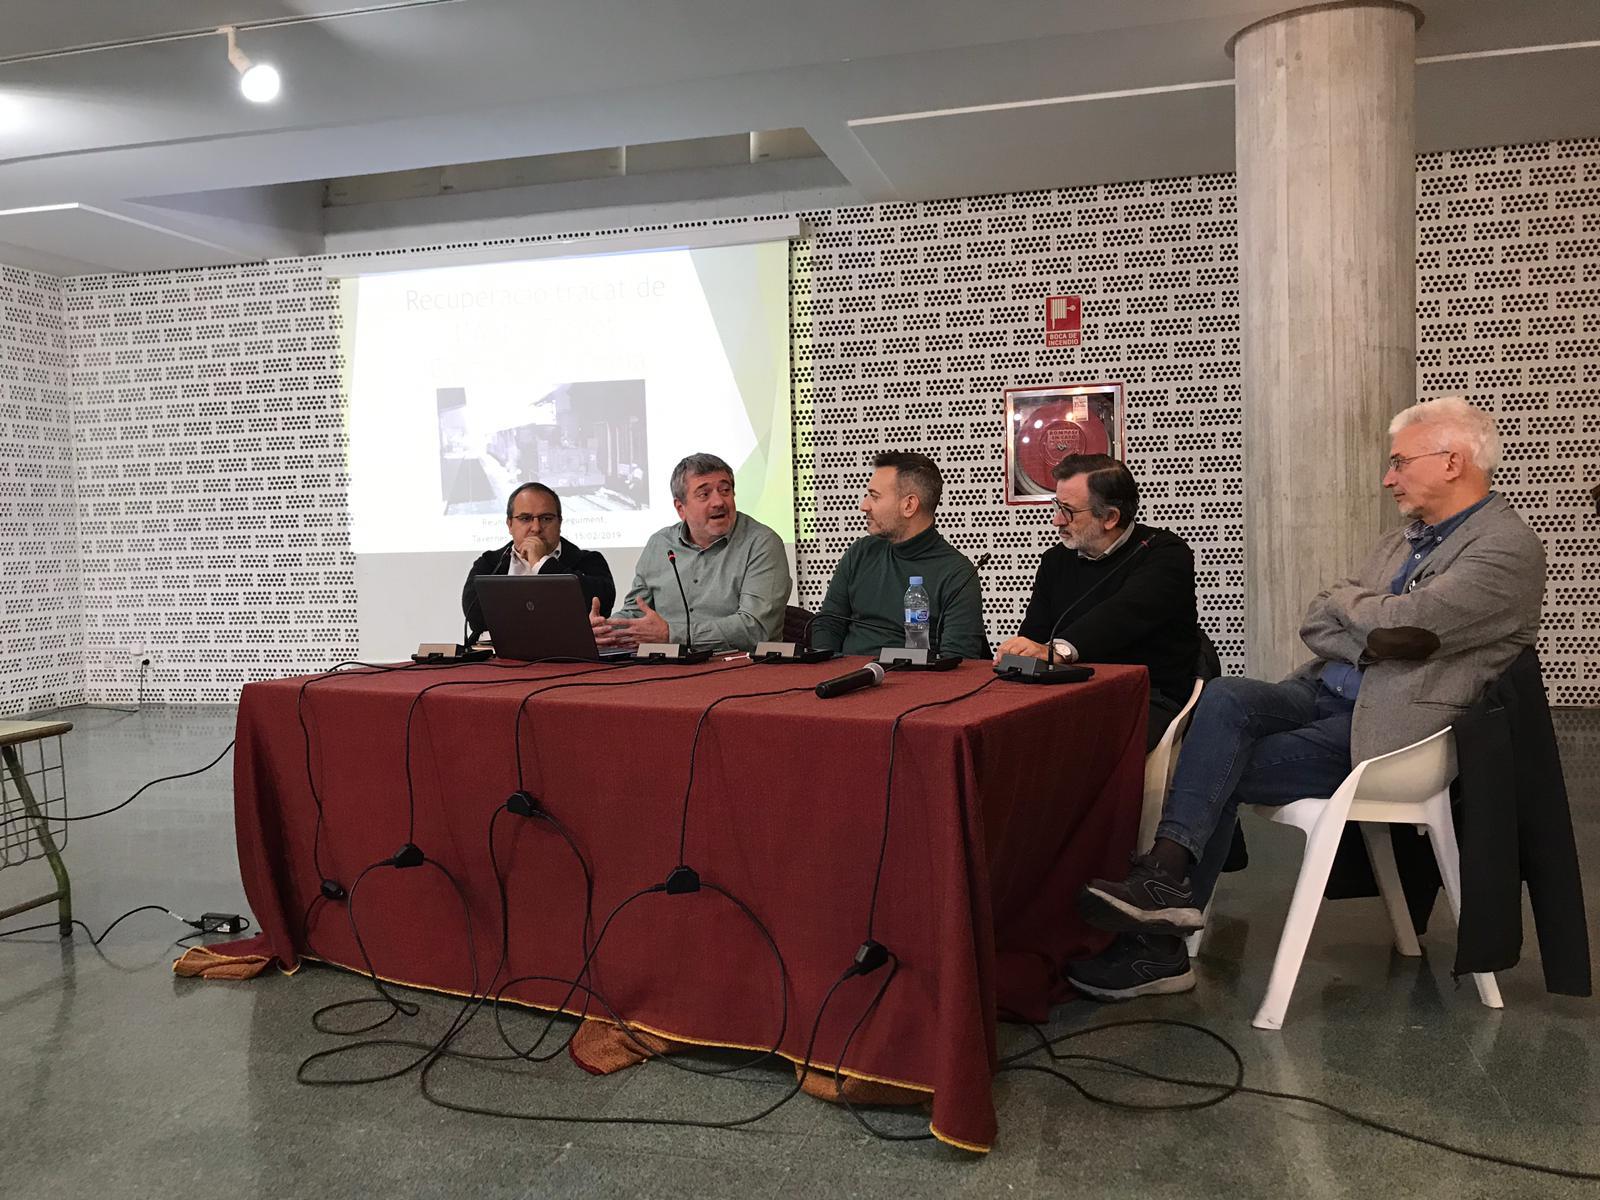 """Josep Bort: """"La mobilitat blana té la capacitat de transformar la nostra forma de viure i entendre el territori"""""""